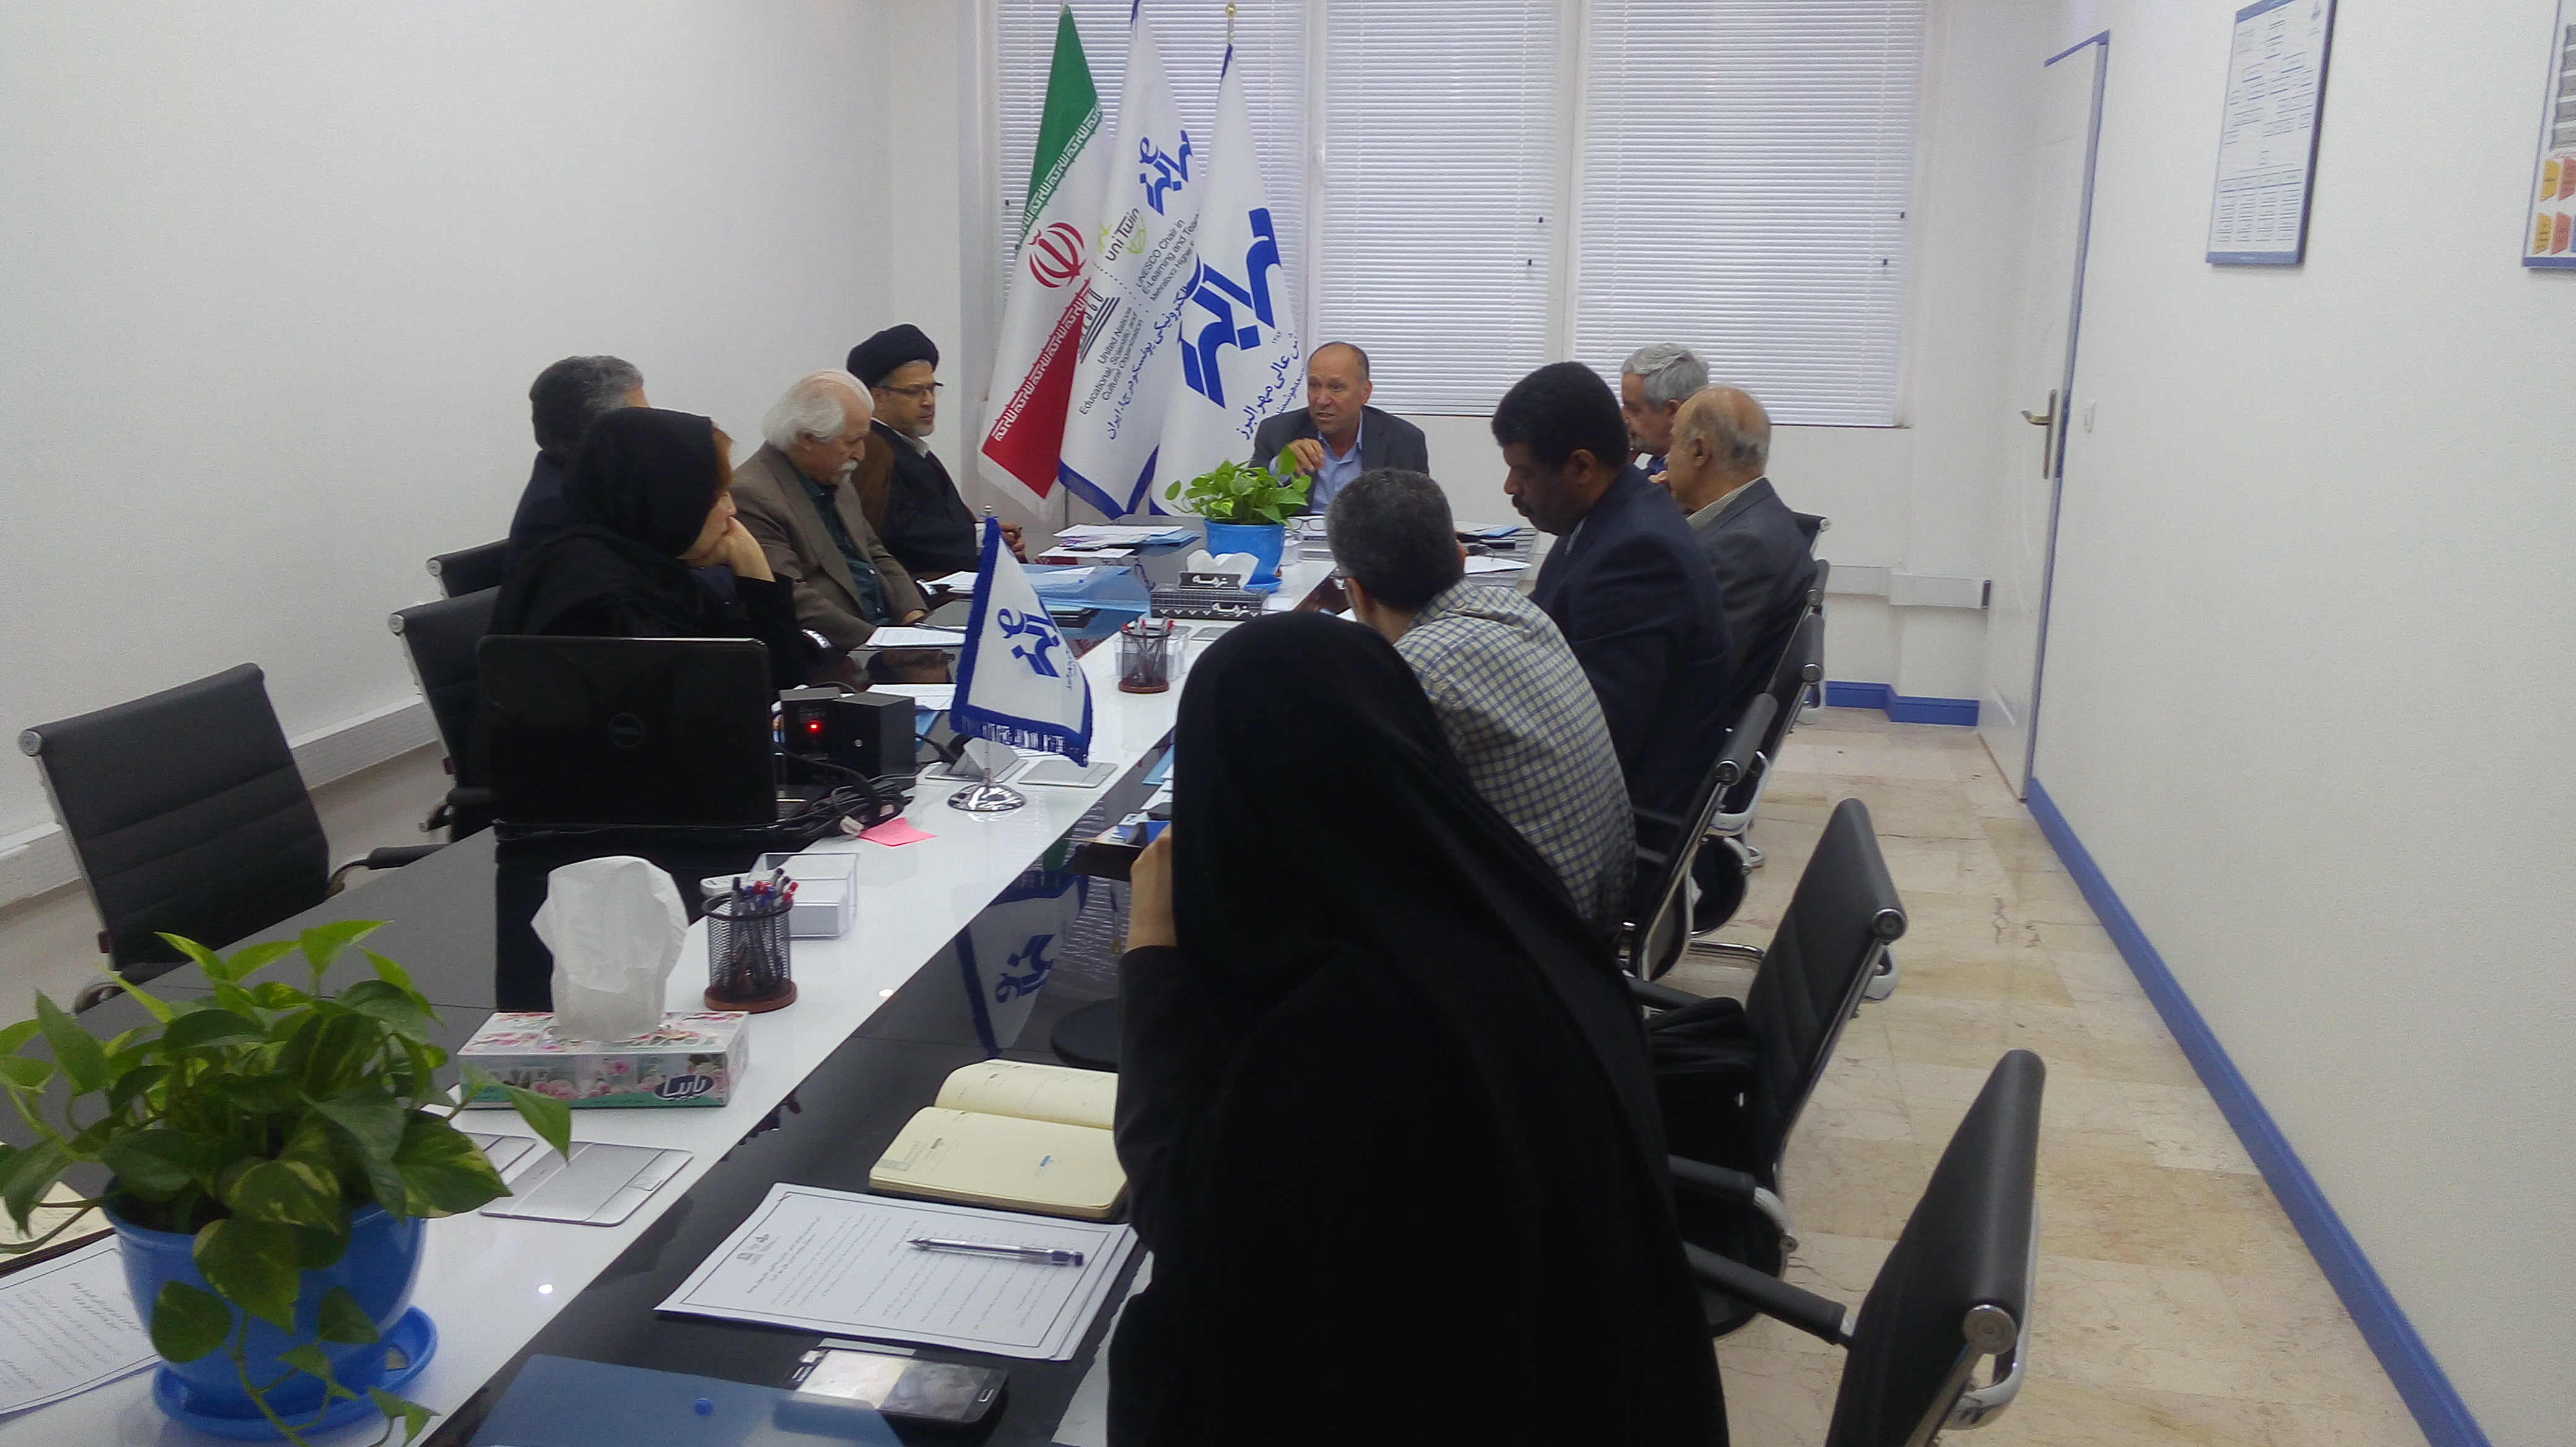 دومین جلسه شورای راهبردی کرسی